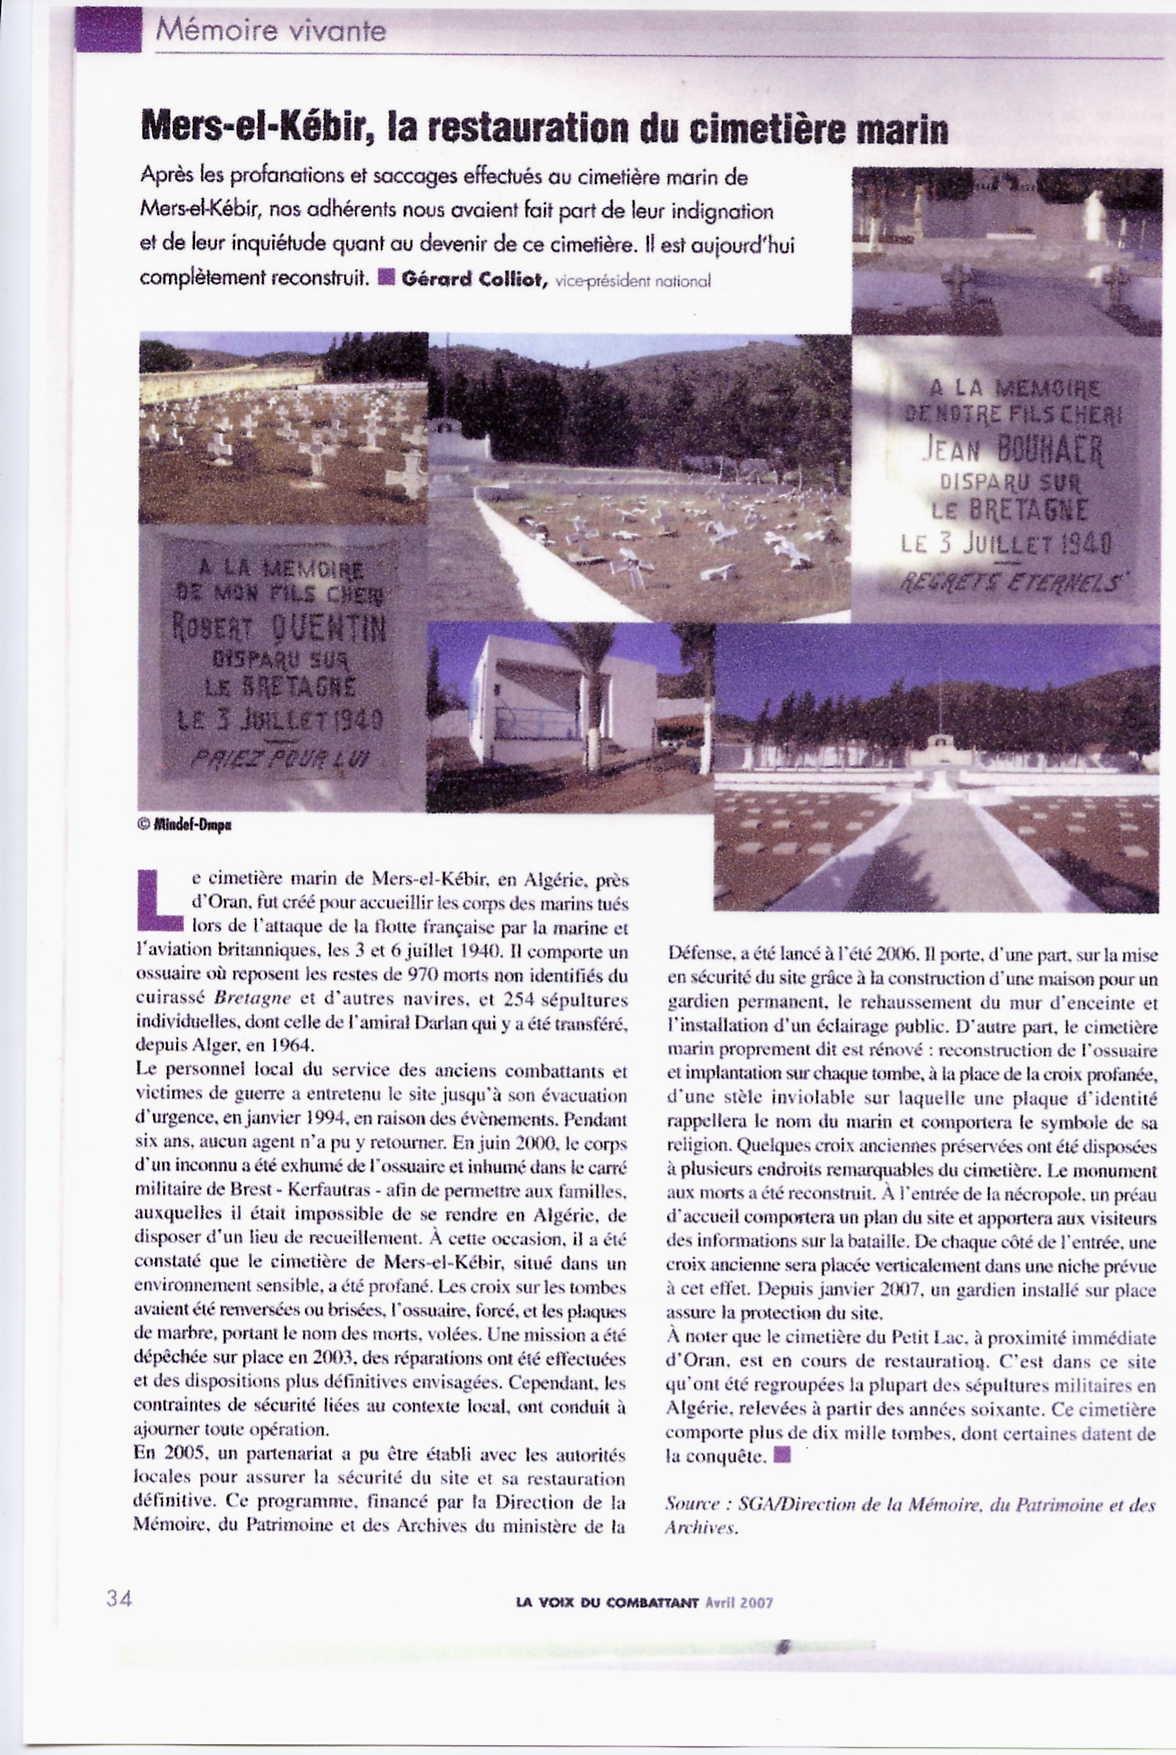 Mers-el-Kébir : restauration dans CIMETIERES merselkbir00012